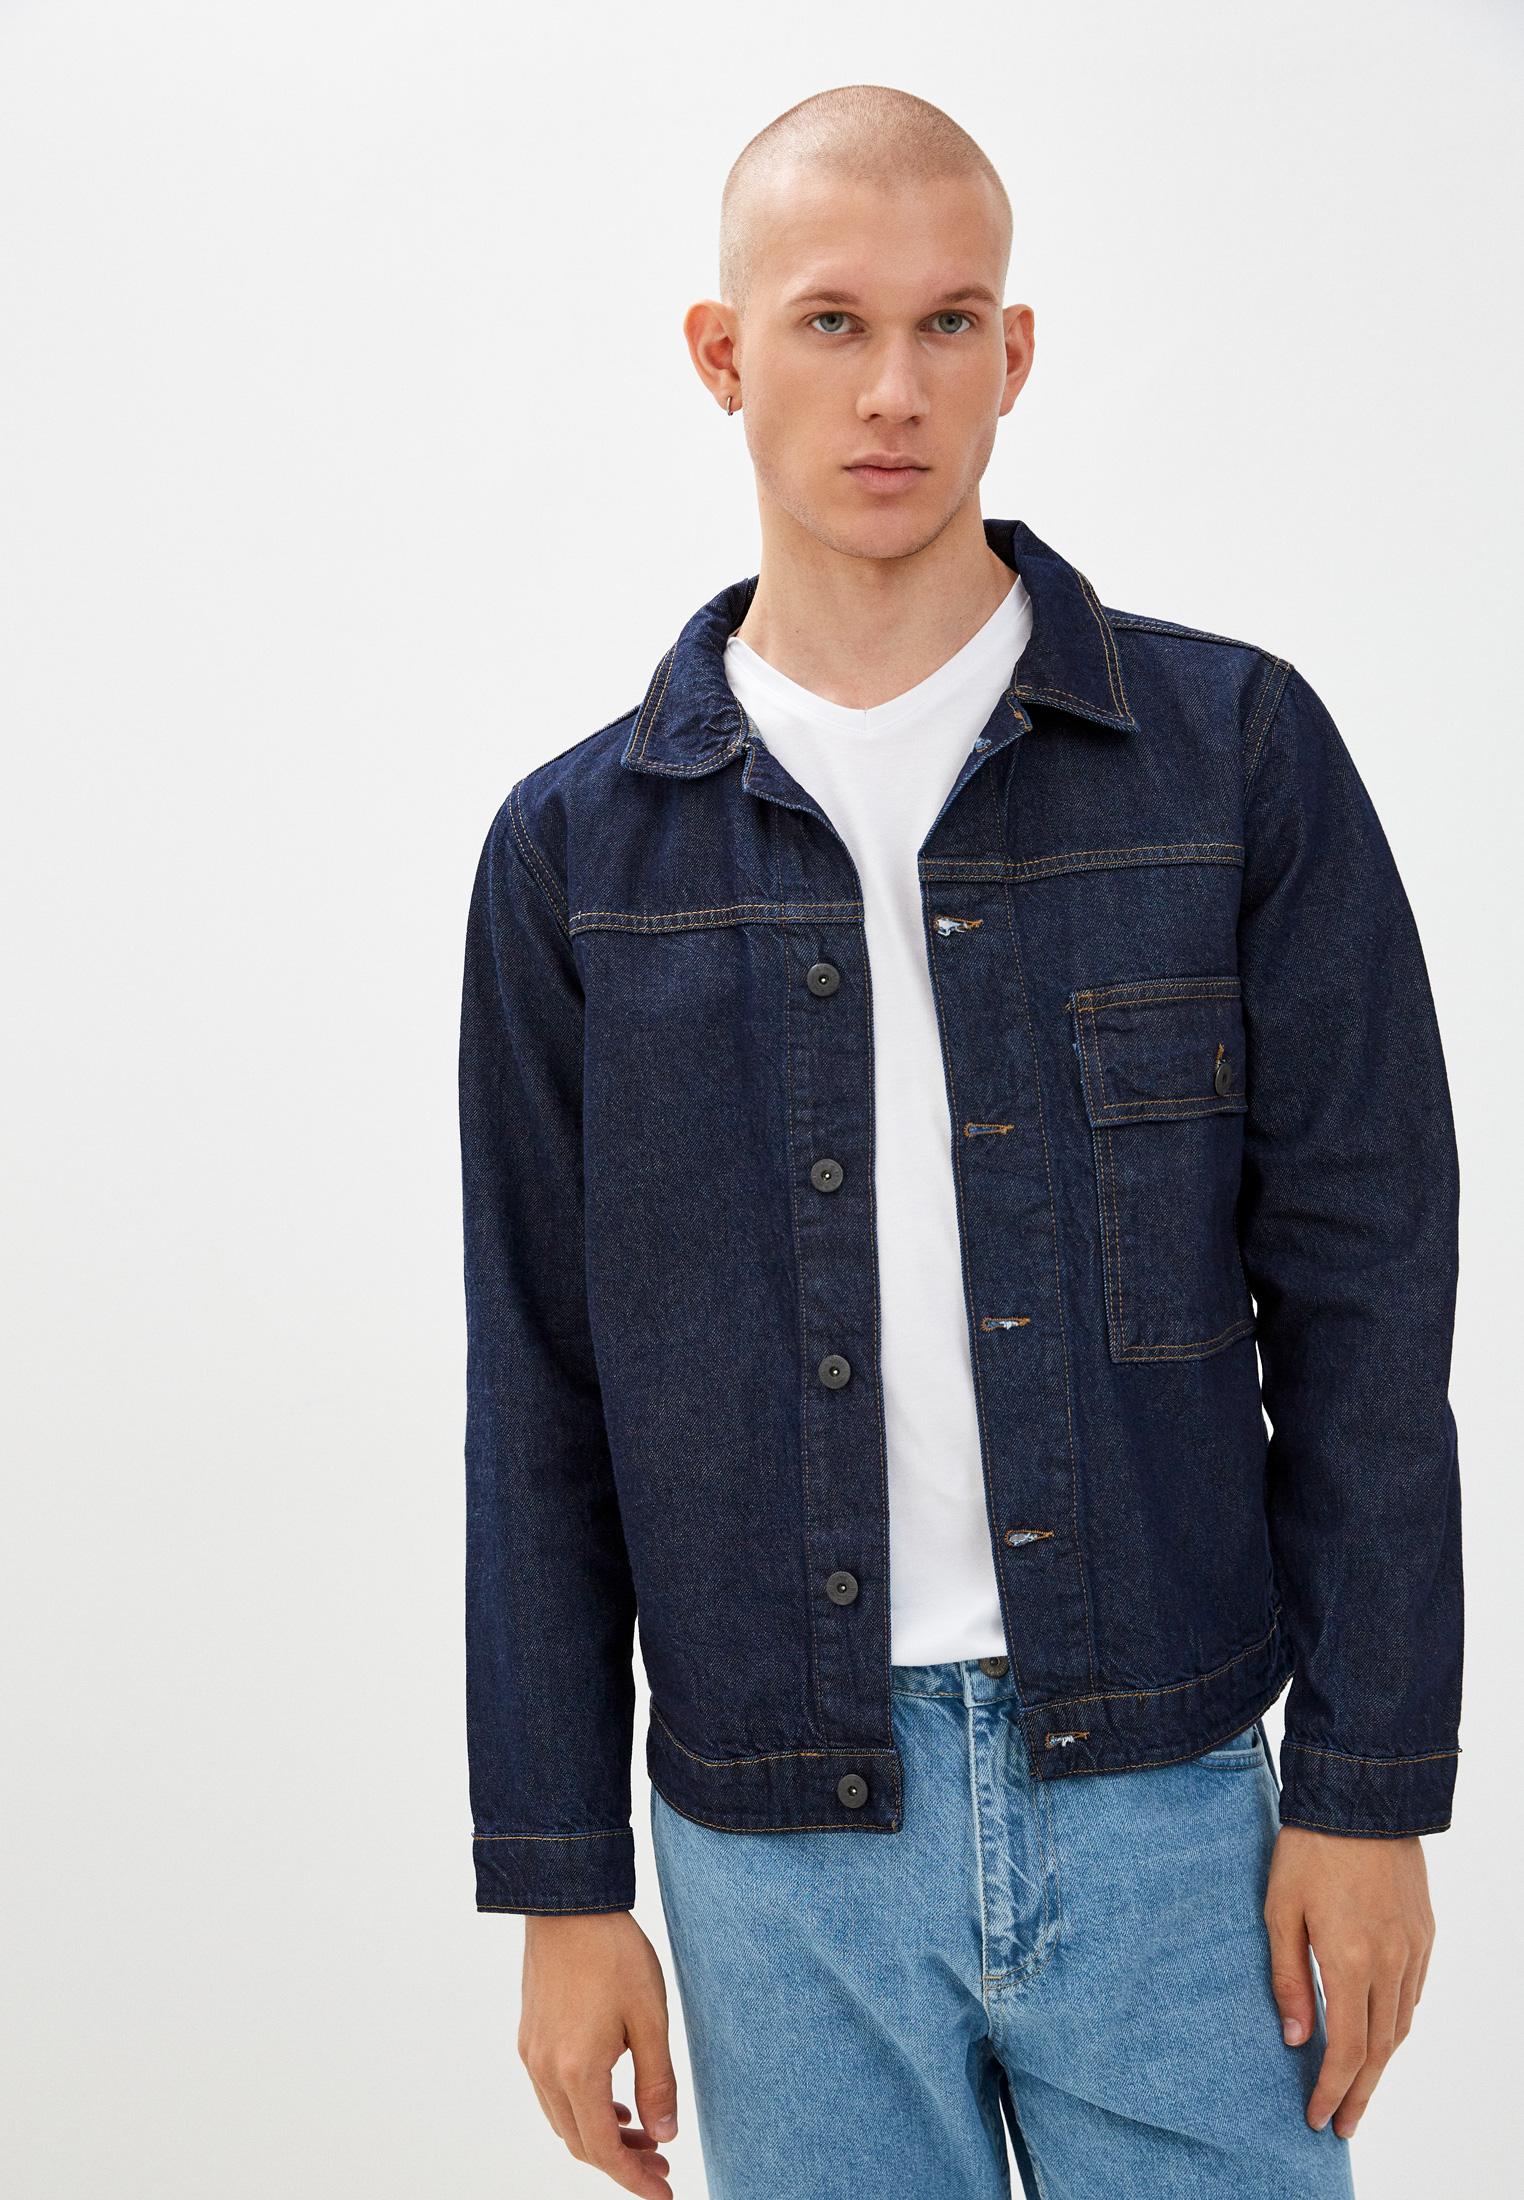 Джинсовая куртка Trendyol Куртка джинсовая Trendyol